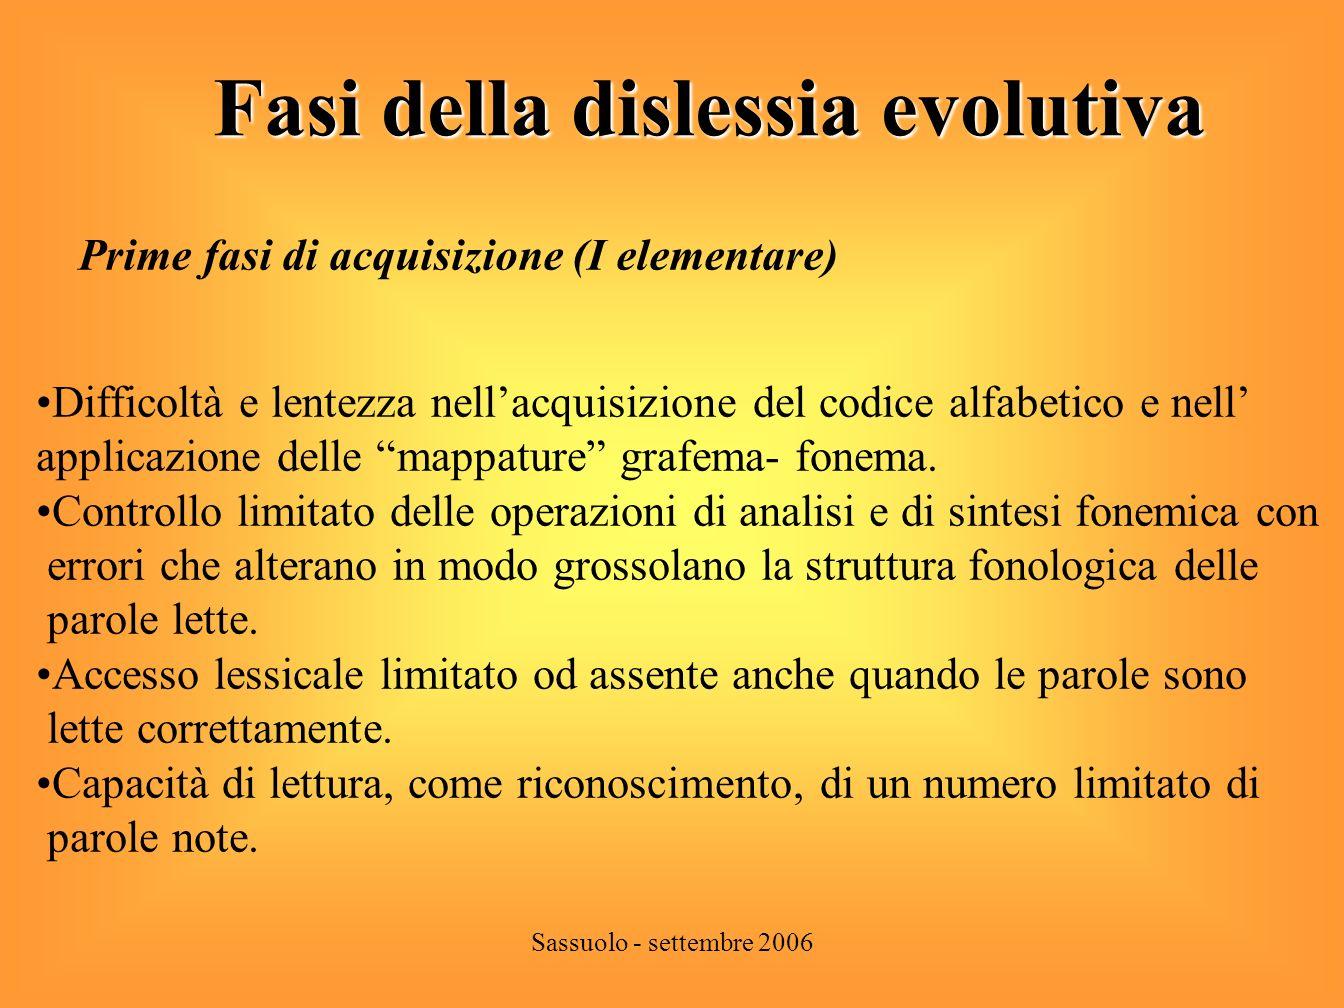 Sassuolo - settembre 2006 Fasi della dislessia evolutiva Fasi successive ( II – IV elementare) Graduale acquisizione del codice alfabetico e delle mappature grafema- fonema che non sono pienamente stabilizzate.